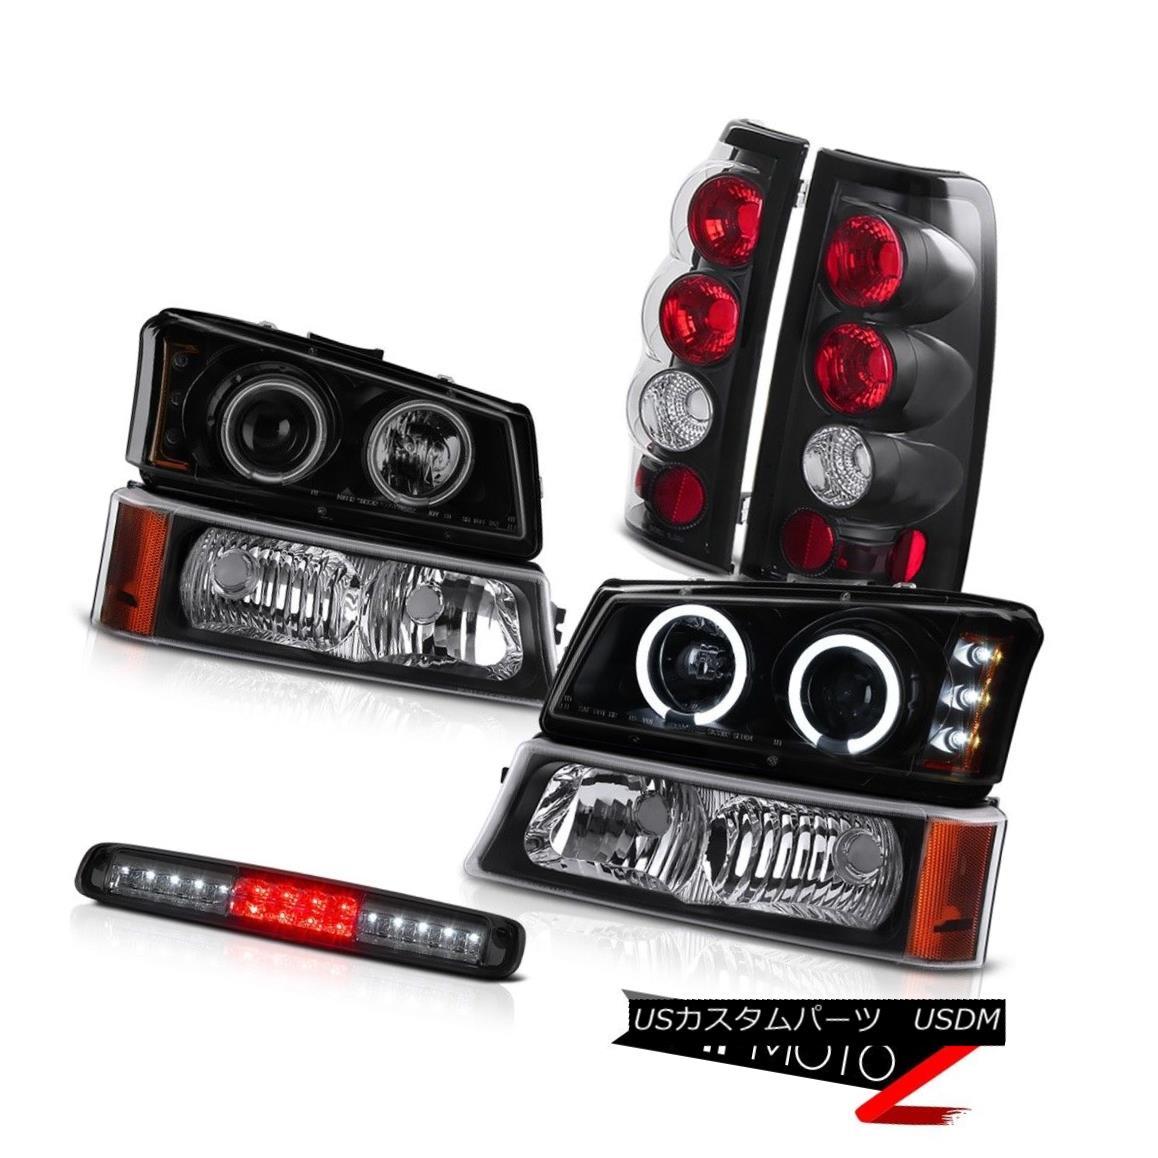 テールライト 03 04 05 06 Silverado 2500Hd Bumper Light High Stop Lamp Headlights Tail Lights 03 04 05 06 Silverado 2500Hdバンパーライトハイストップランプヘッドライトテールライト